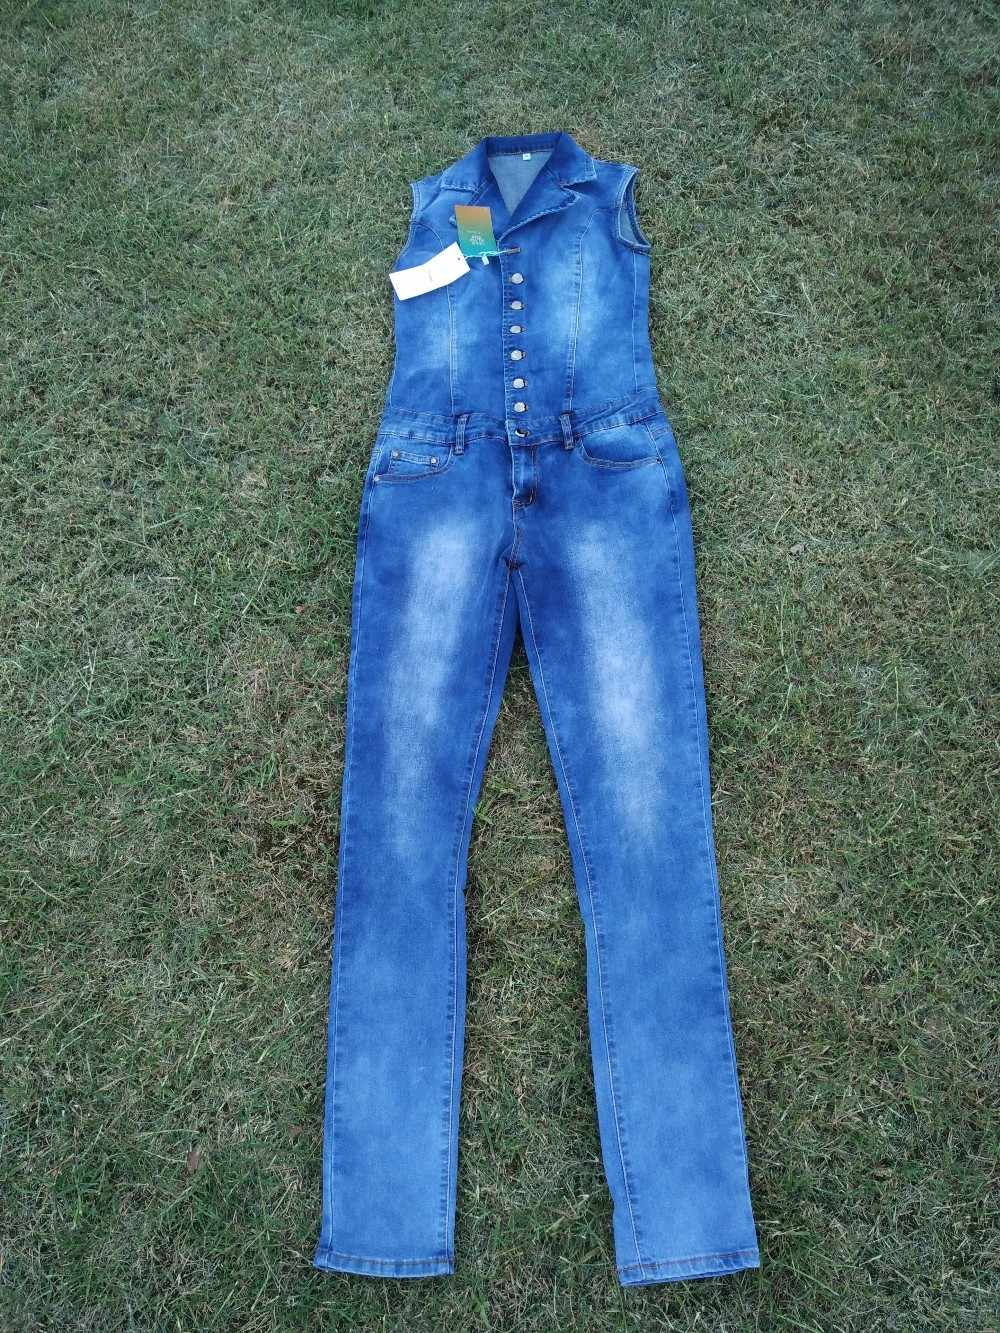 Женский Облегающий комбинезон комбинезоны джинсы брюки длинные брюки дамы сексуальные джинсы длинные сексуальные без рукавов Глубокий v-образный вырез синий тонкий стиль. JN52